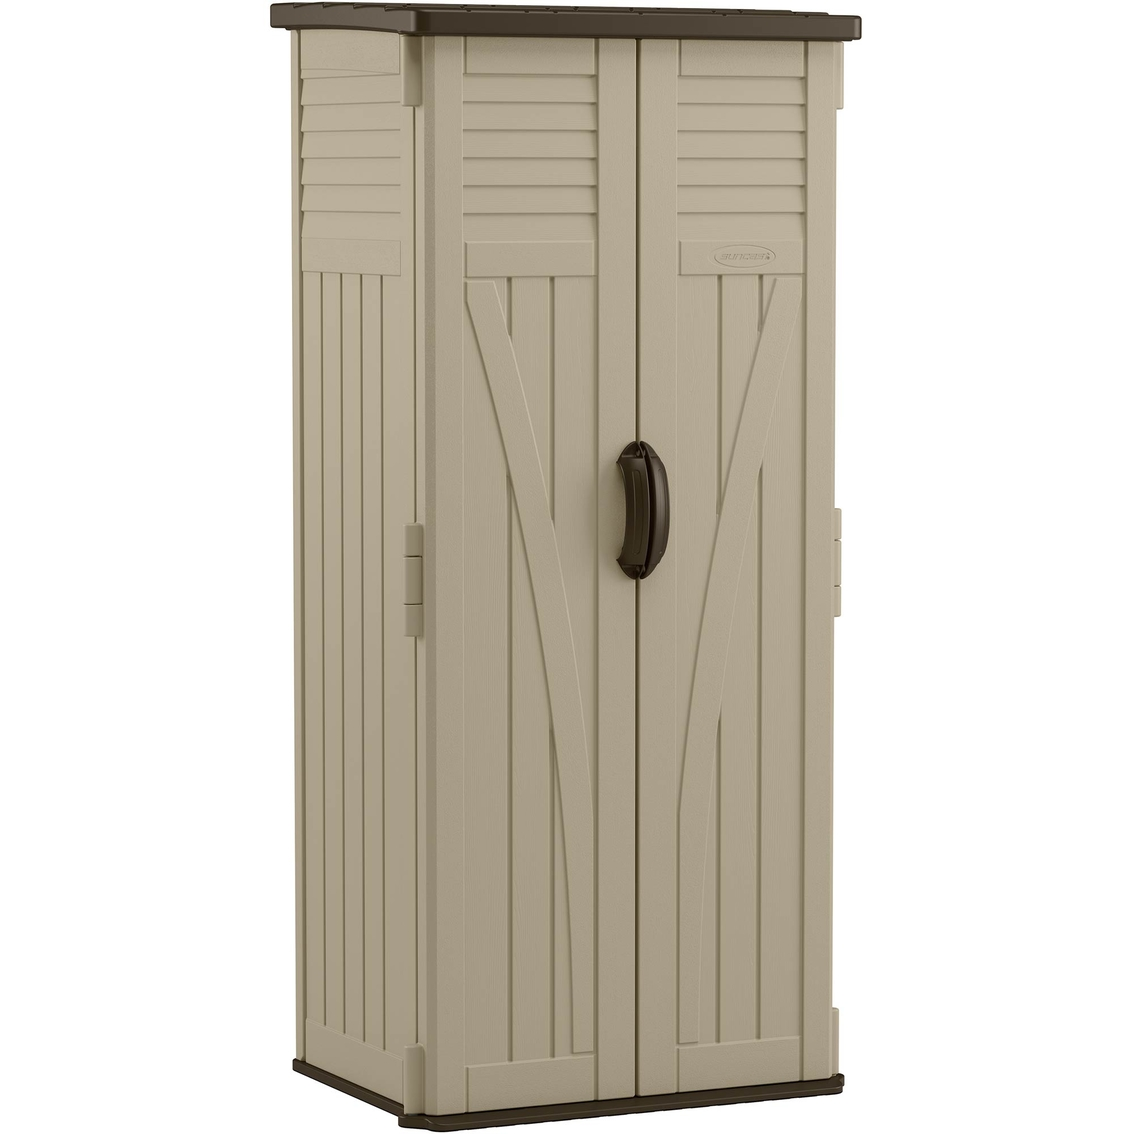 Suncast Vertical Storage Shed | Storage Sheds | More | Shop